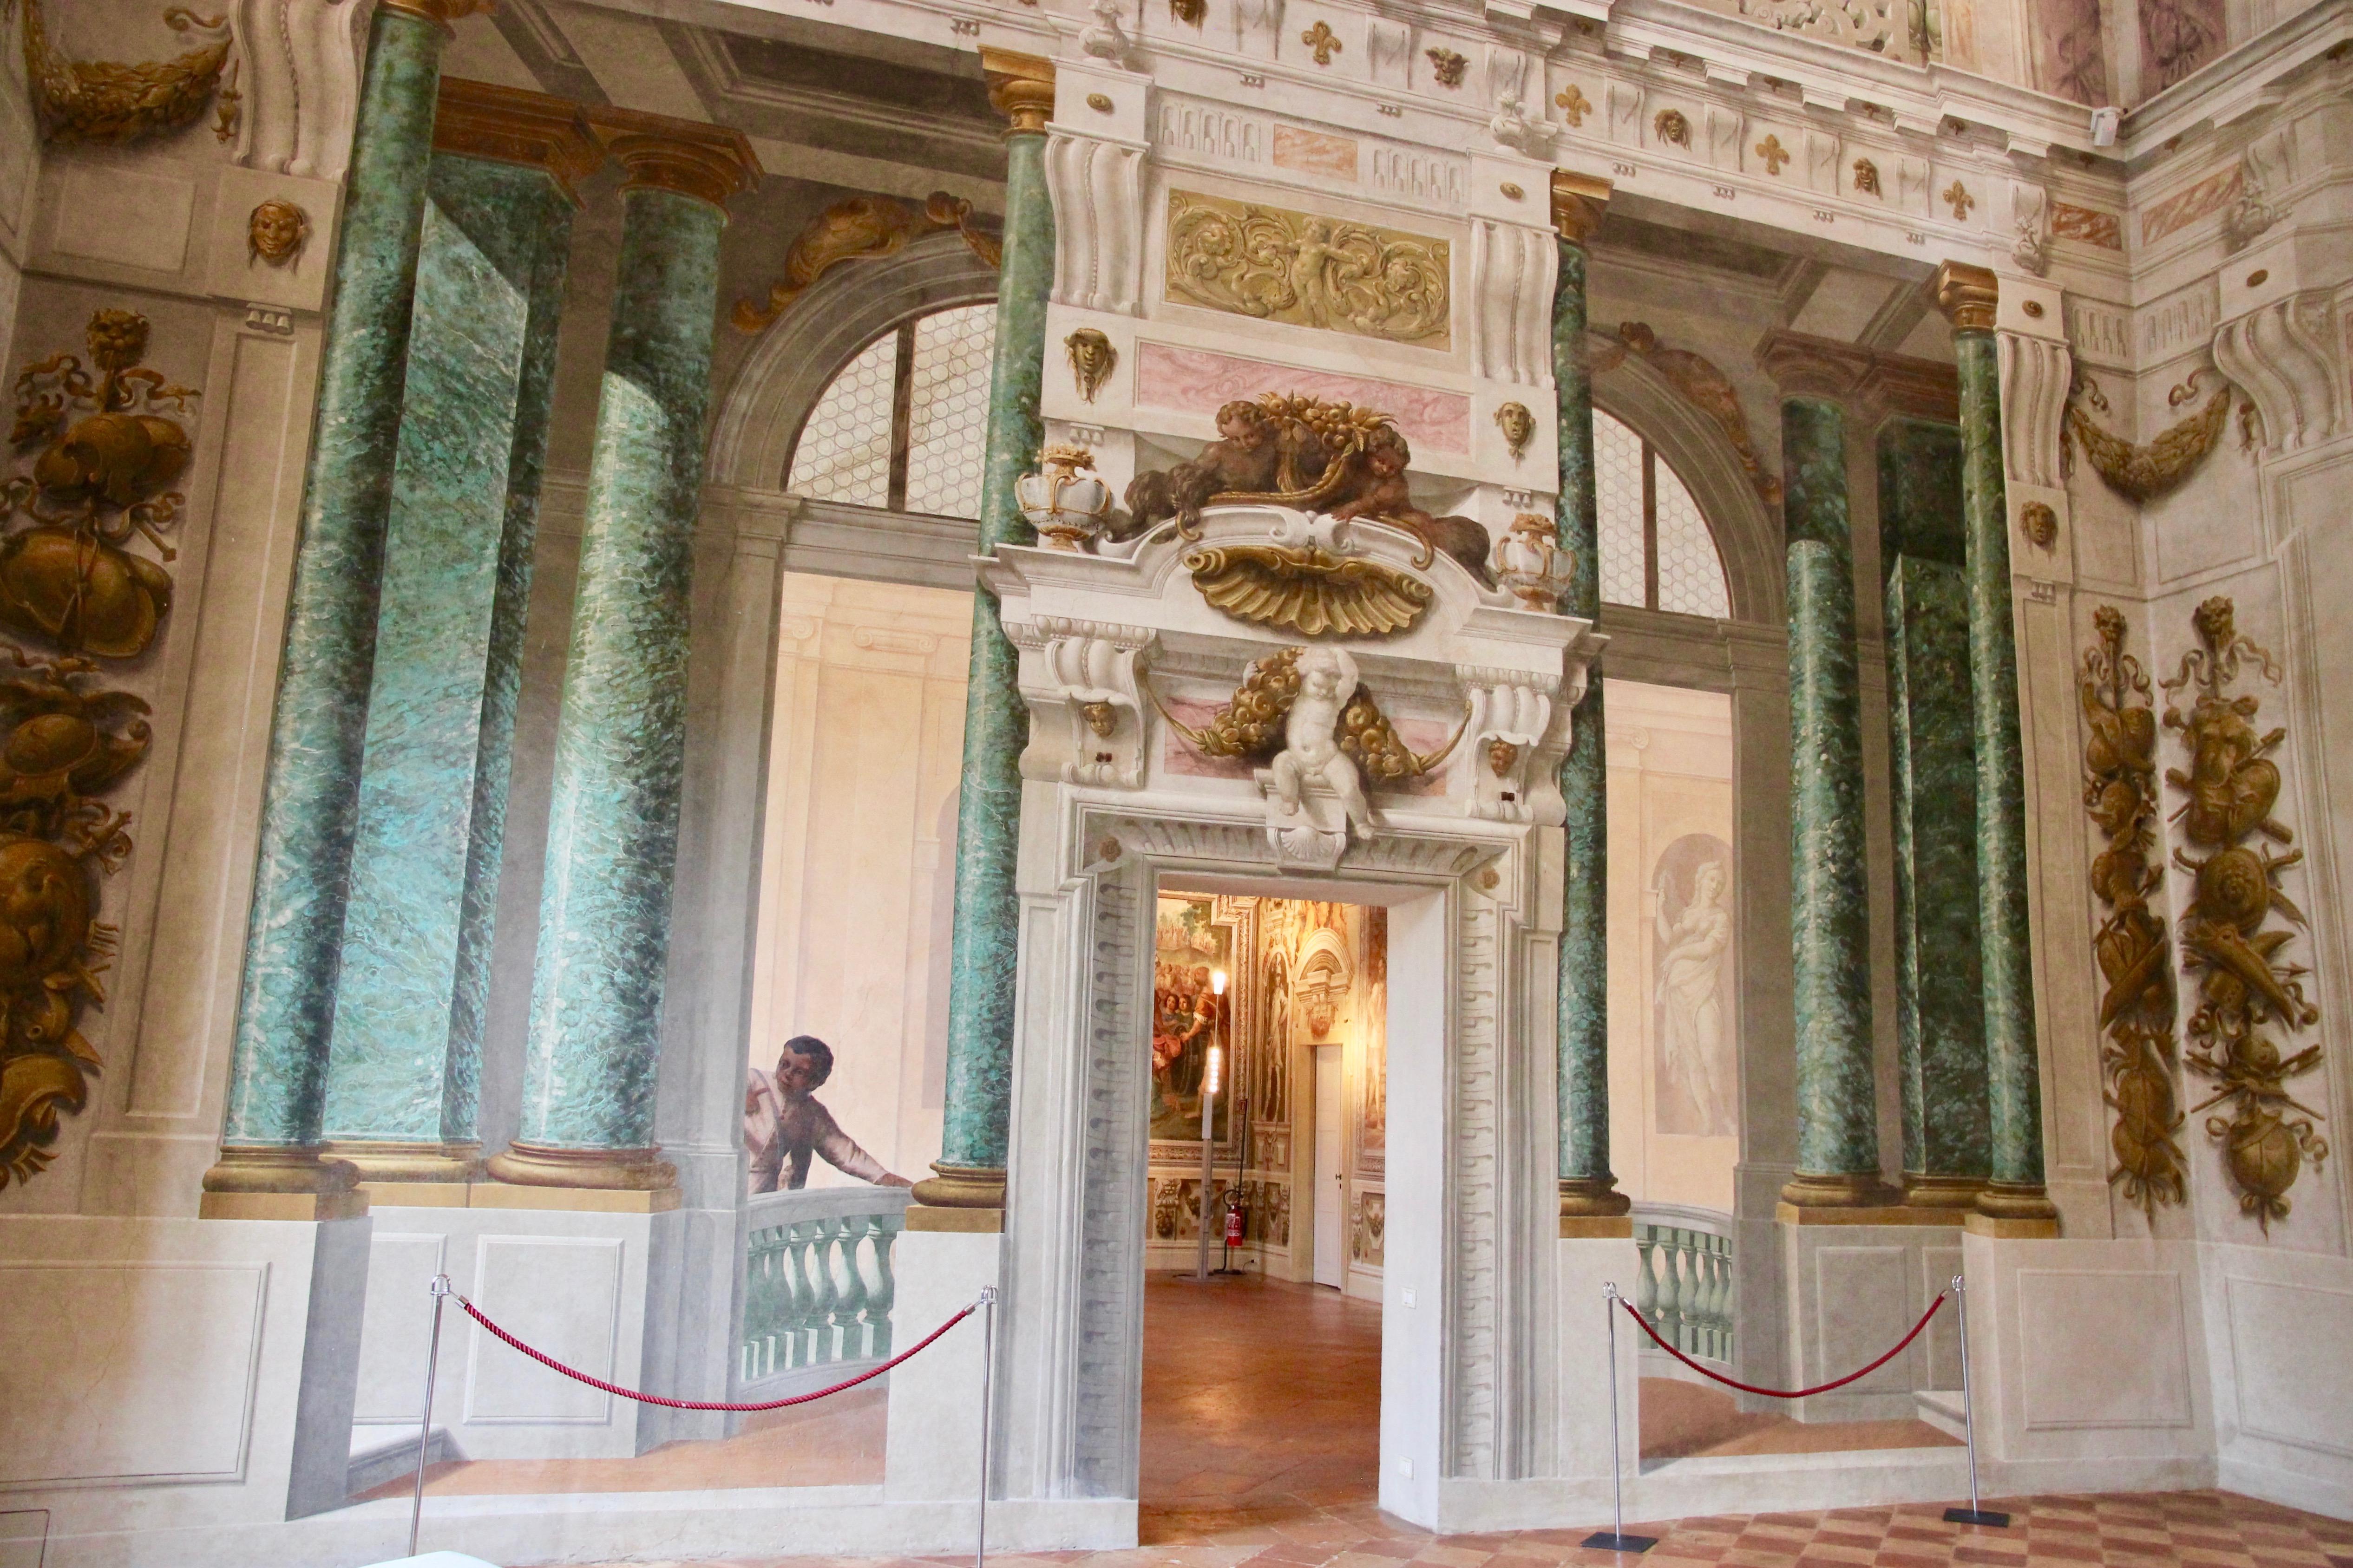 Visita guidata al palazzo Ducale di Sassuolo